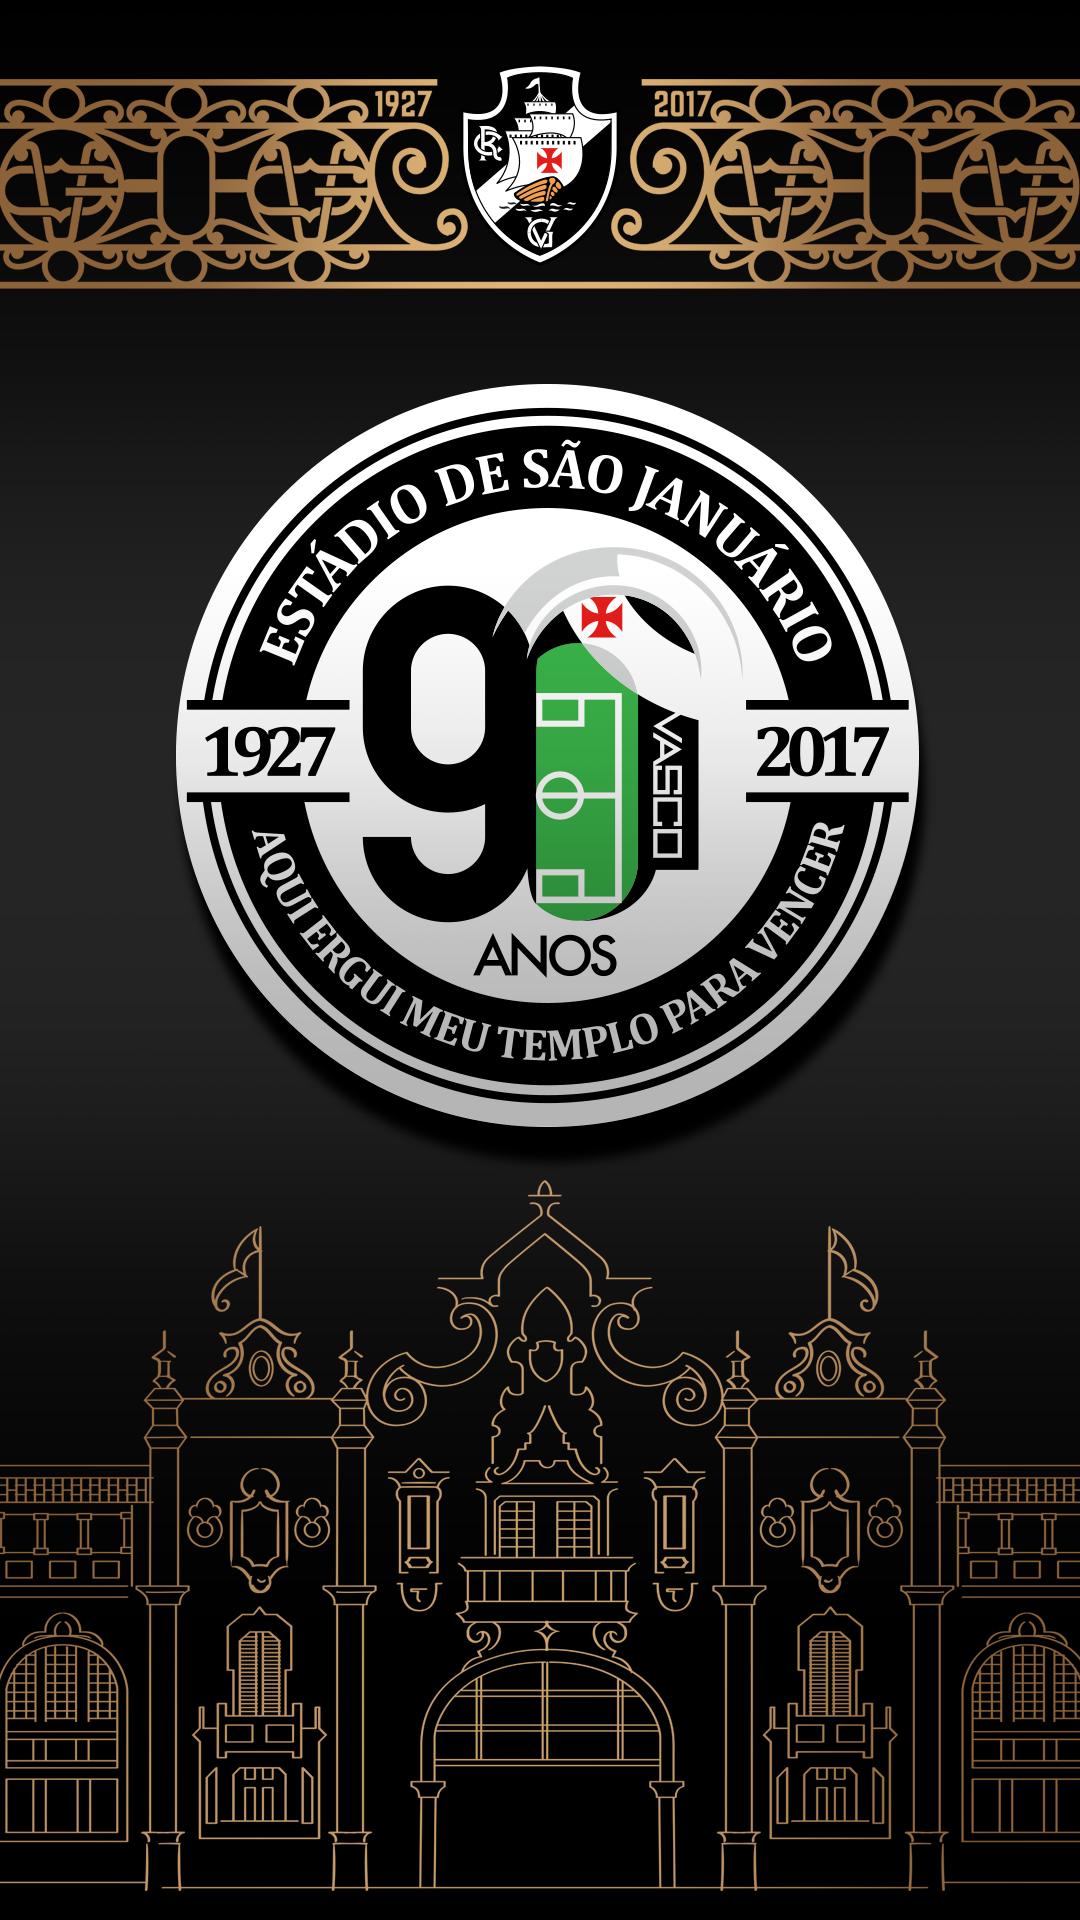 Vasco disponibiliza papeis de parede para smartphones com o tema 90 ... 724d057996e0c